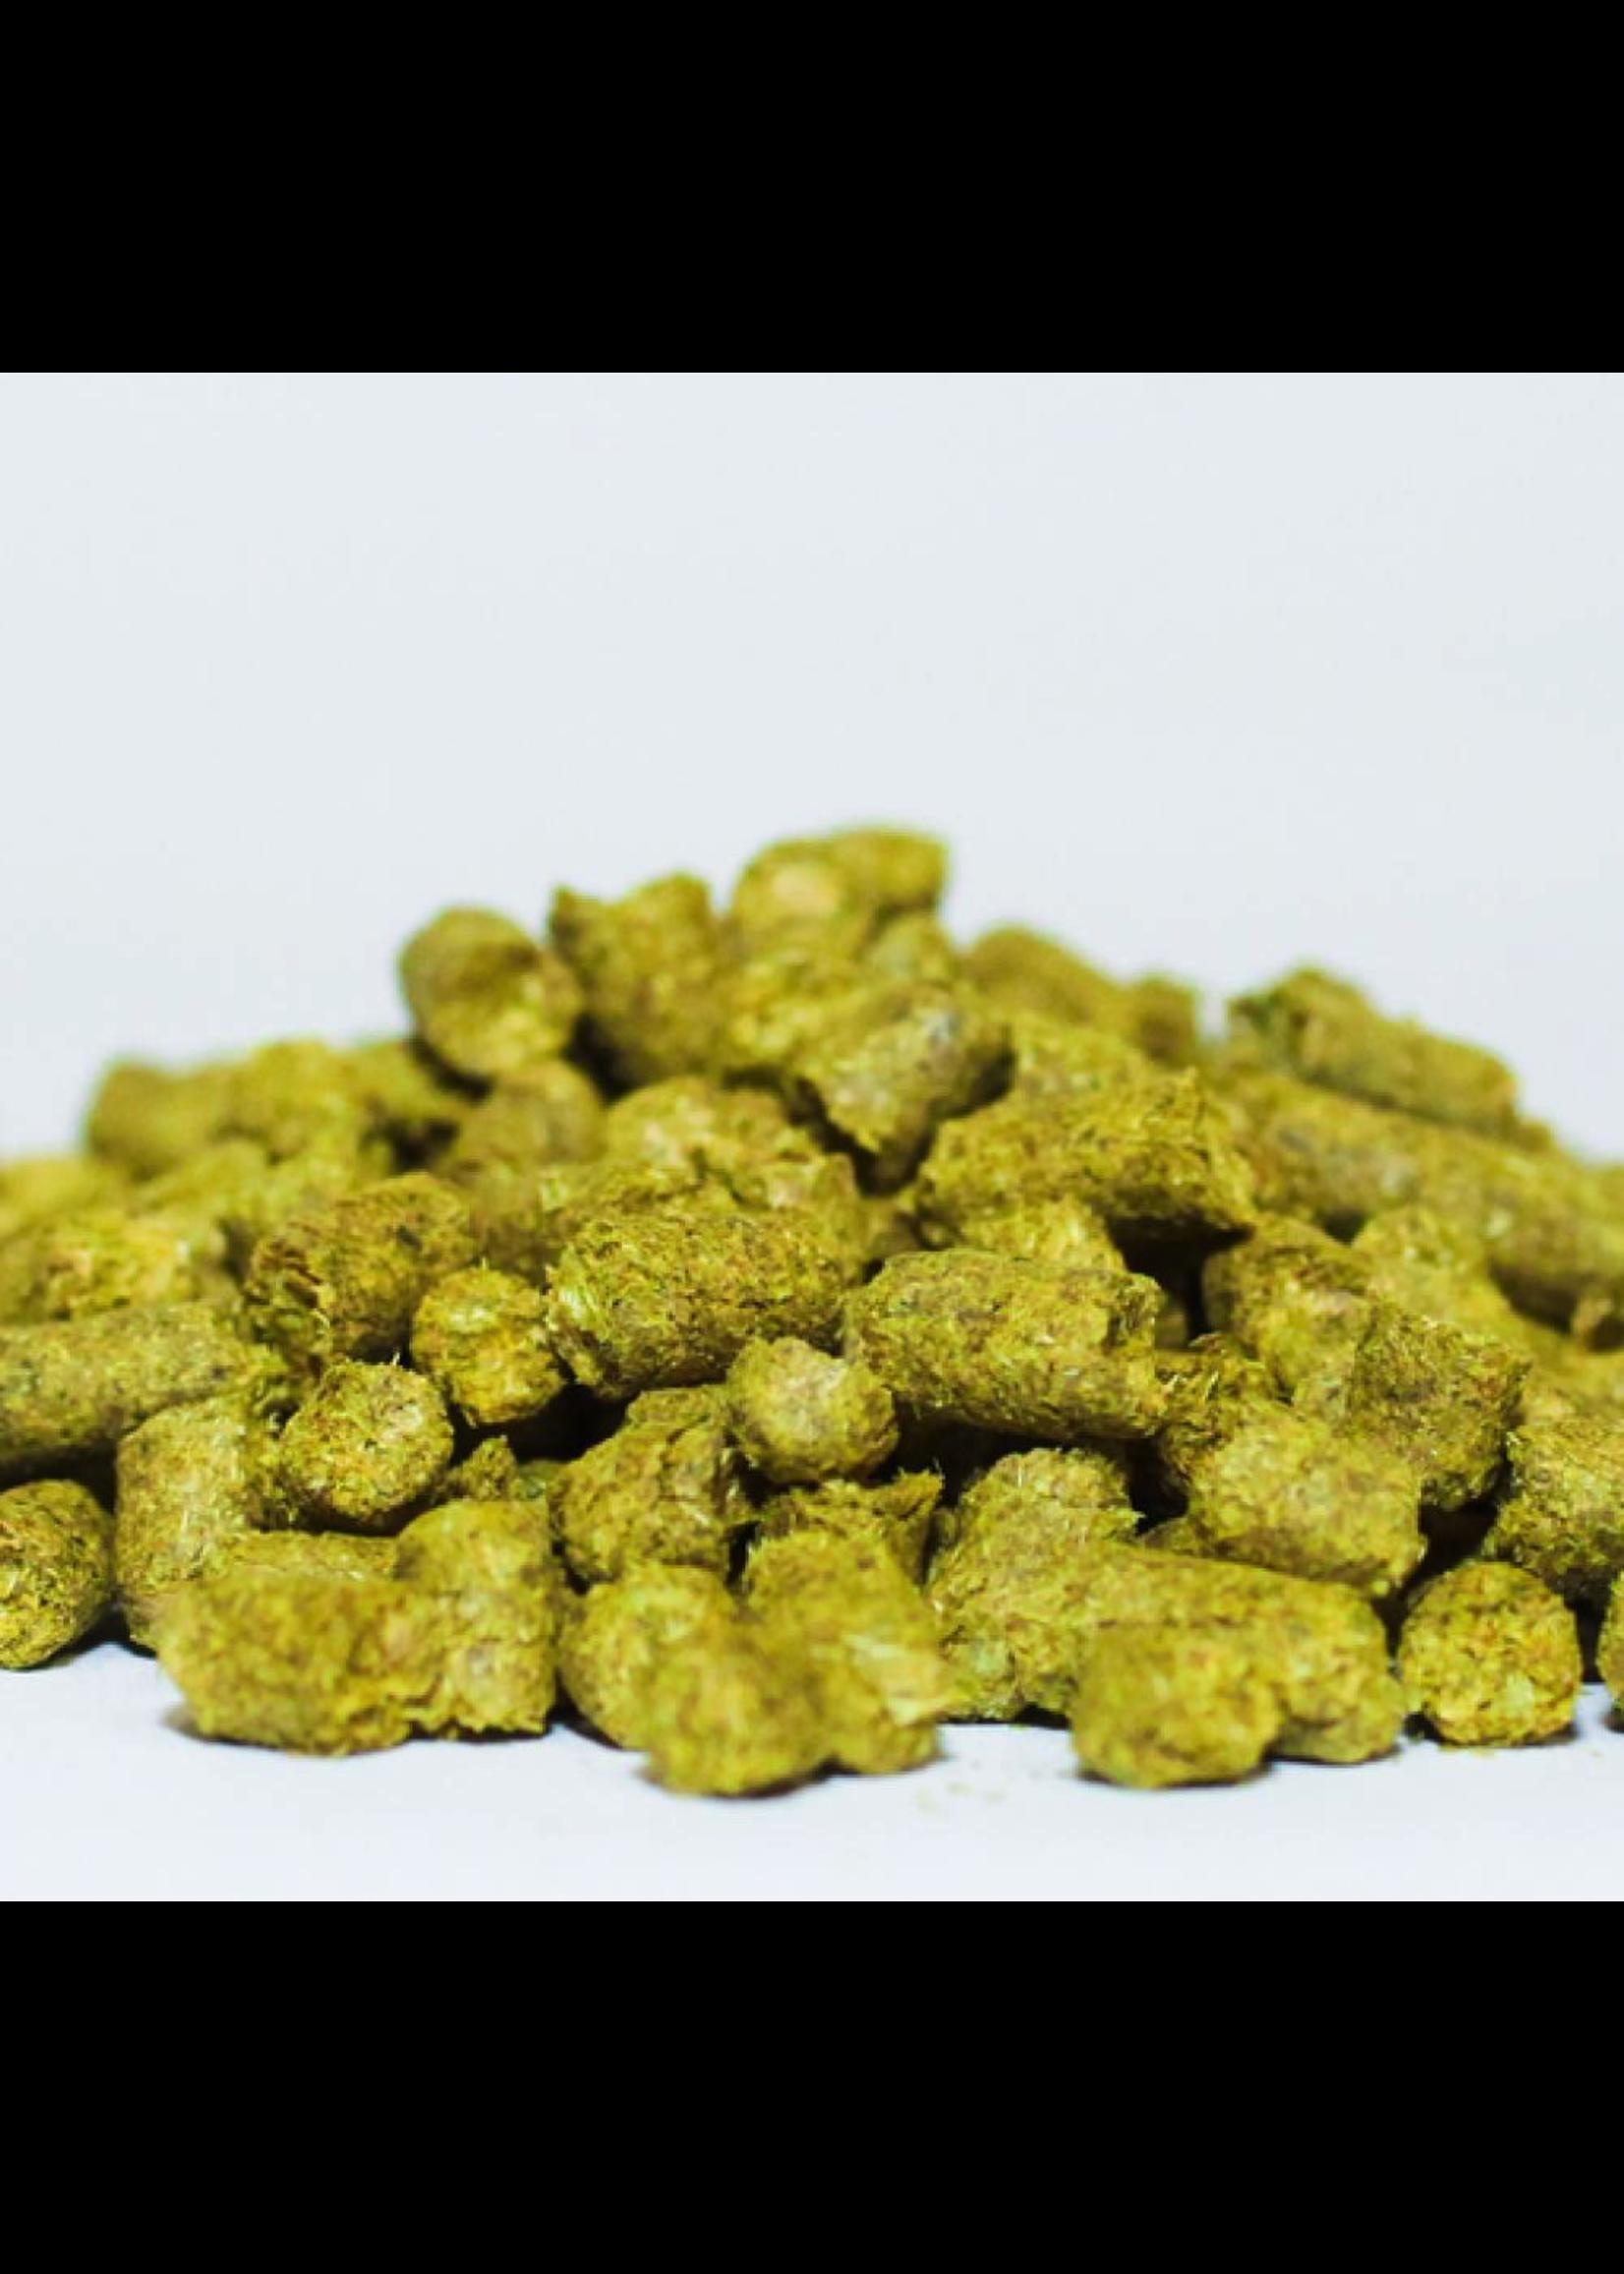 Hops Brewer's Gold Hops (German) - Pellets - 1 LB